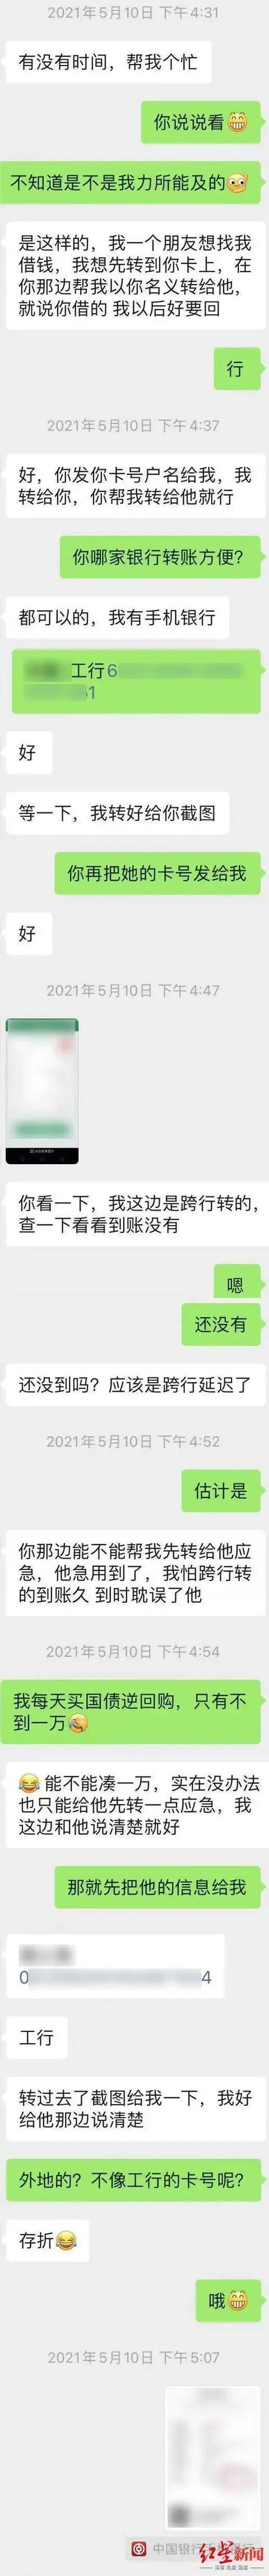 qq接收微信消息,微信绑定QQ,当心!多人已中招…